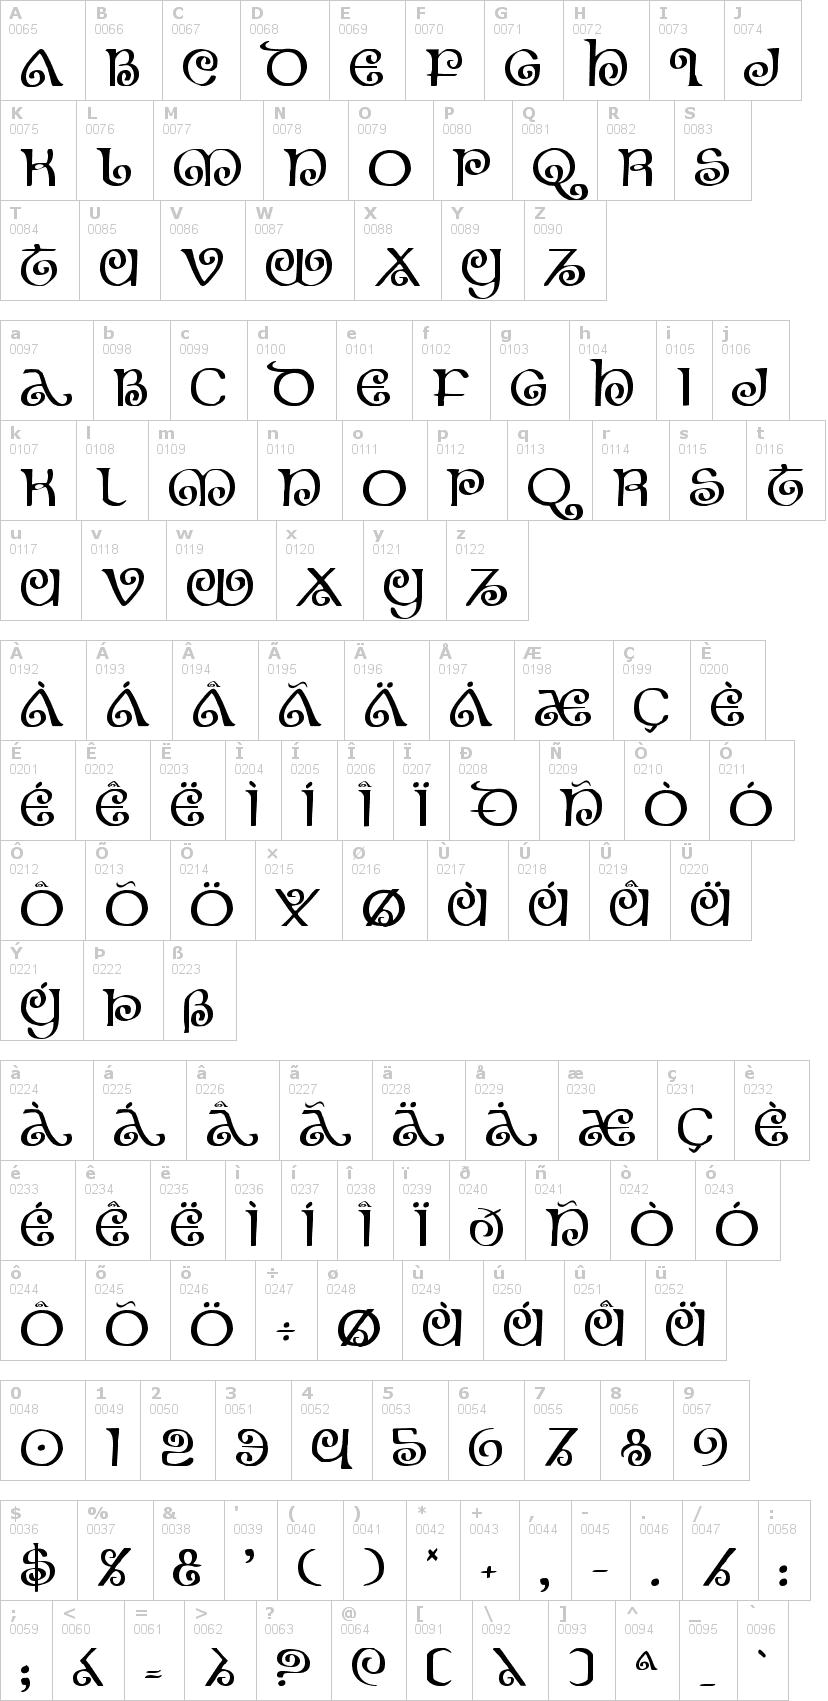 Lettere dell'alfabeto del font the-shire con le quali è possibile realizzare adesivi prespaziati